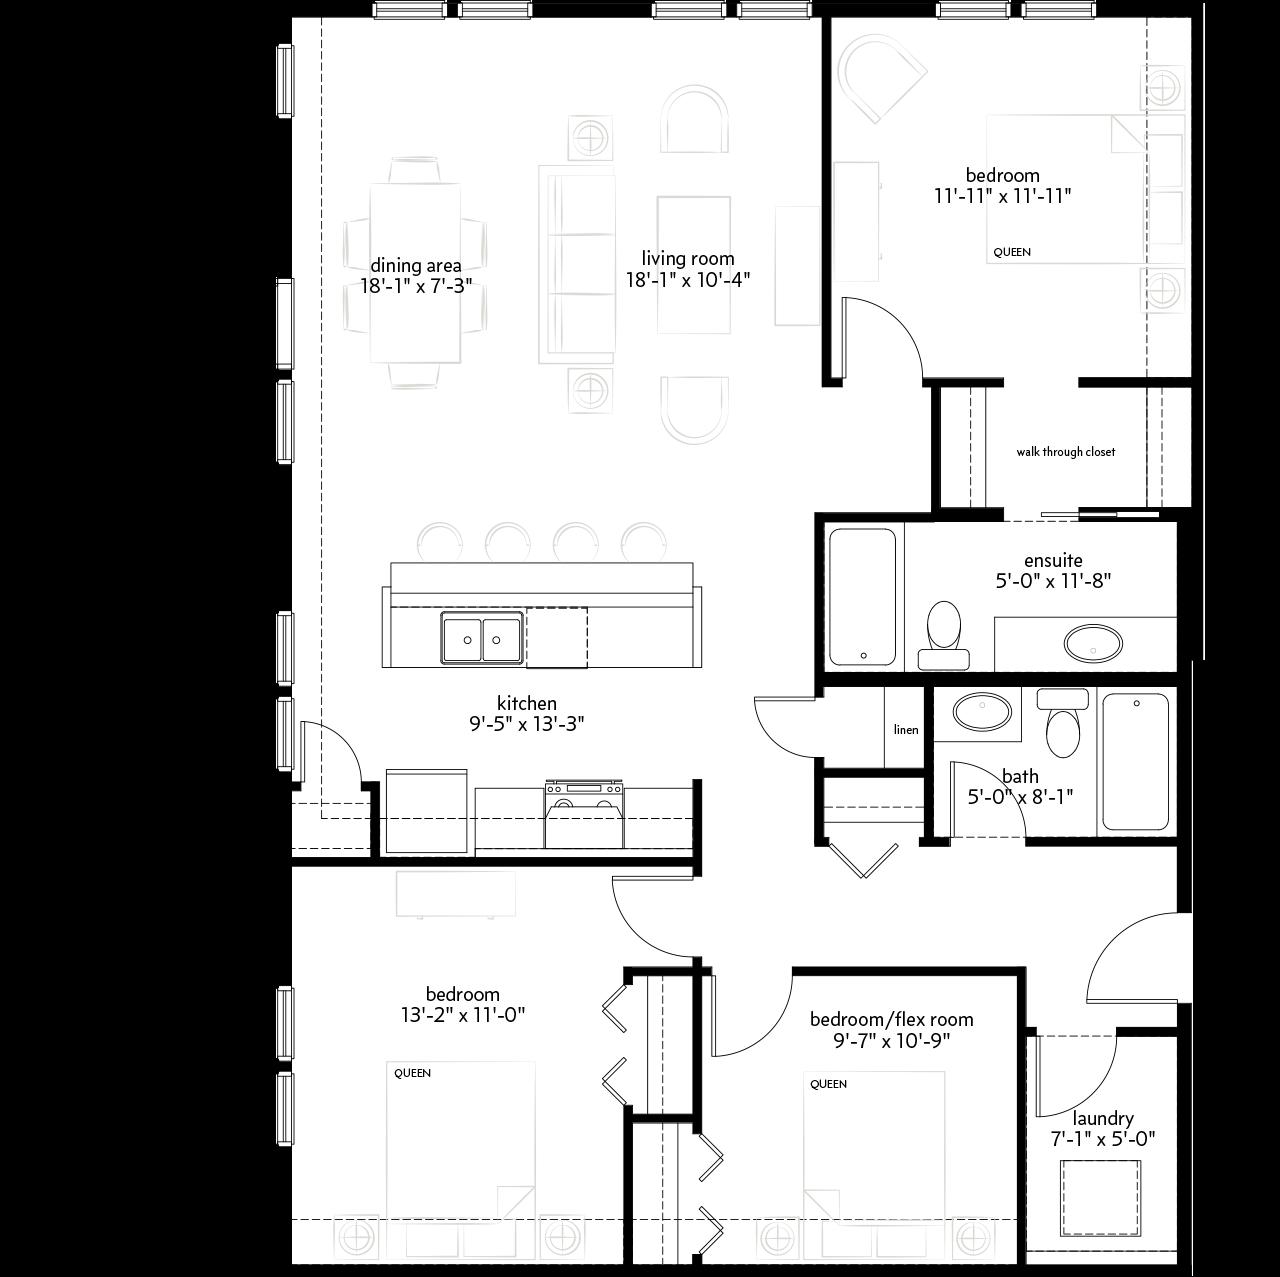 Sandgate Condo Floorplans  Hopewell Sandgate